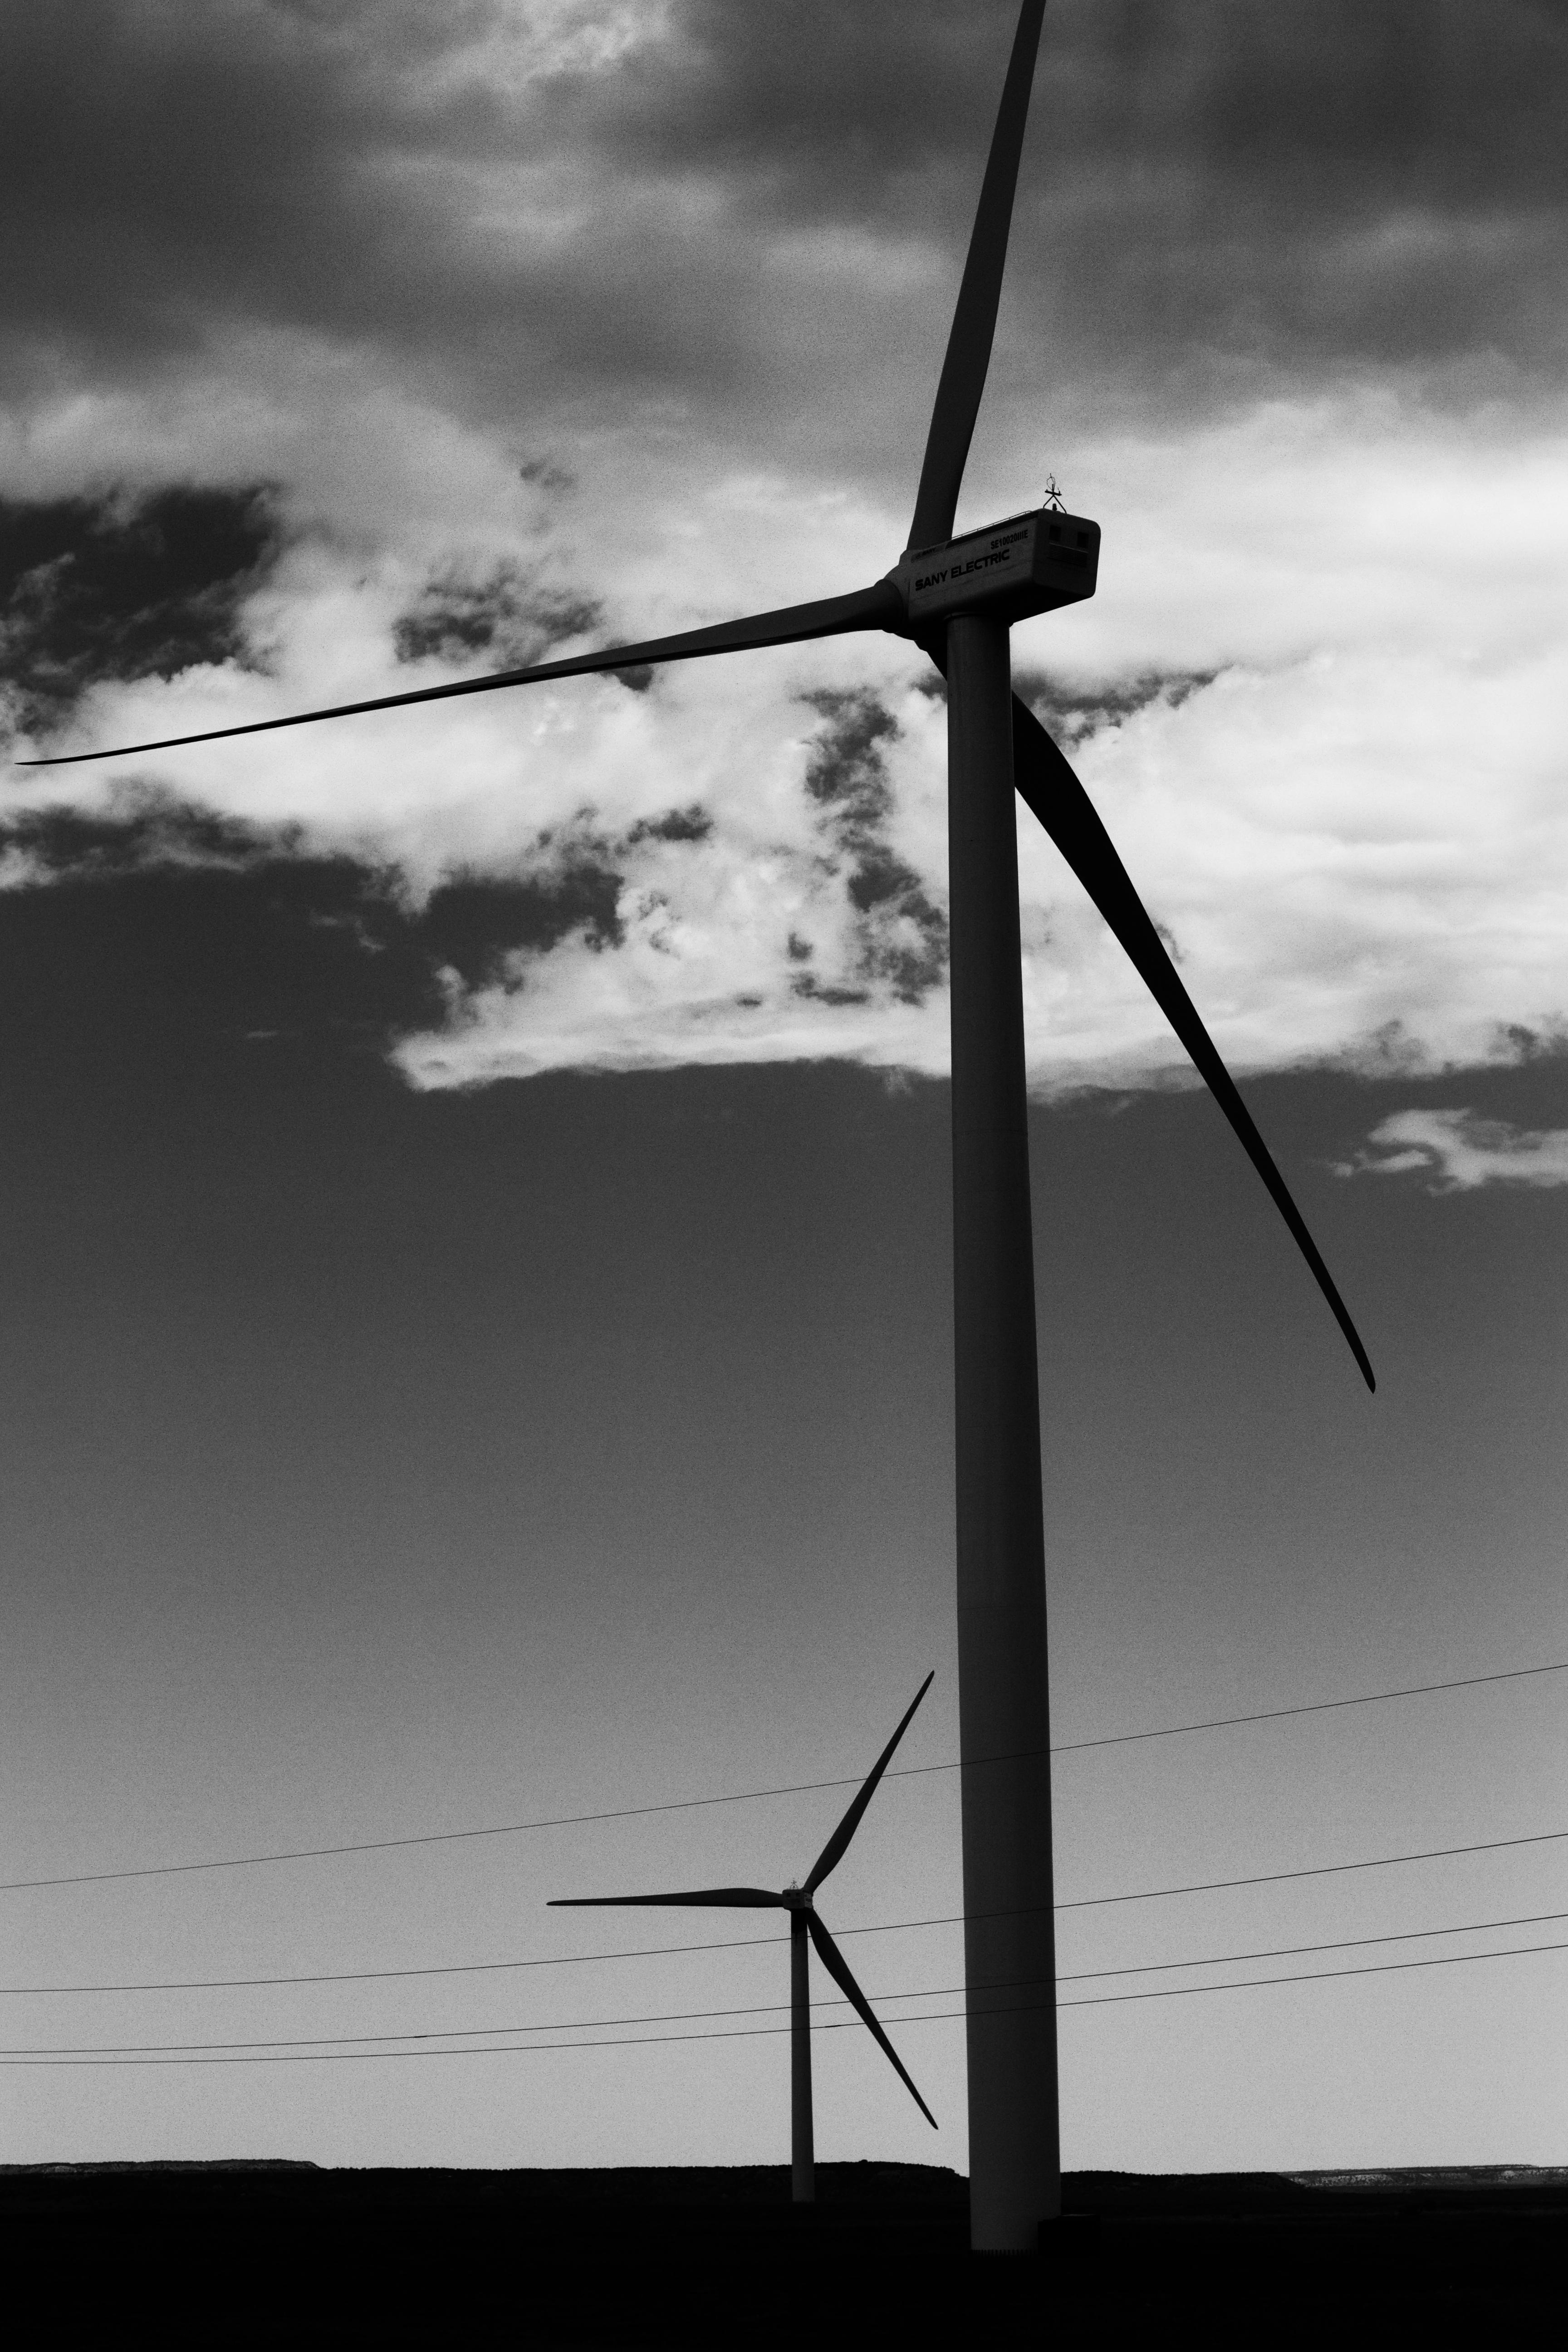 Images gratuites nuage noir et blanc ciel moulin - Nuage et vent ...